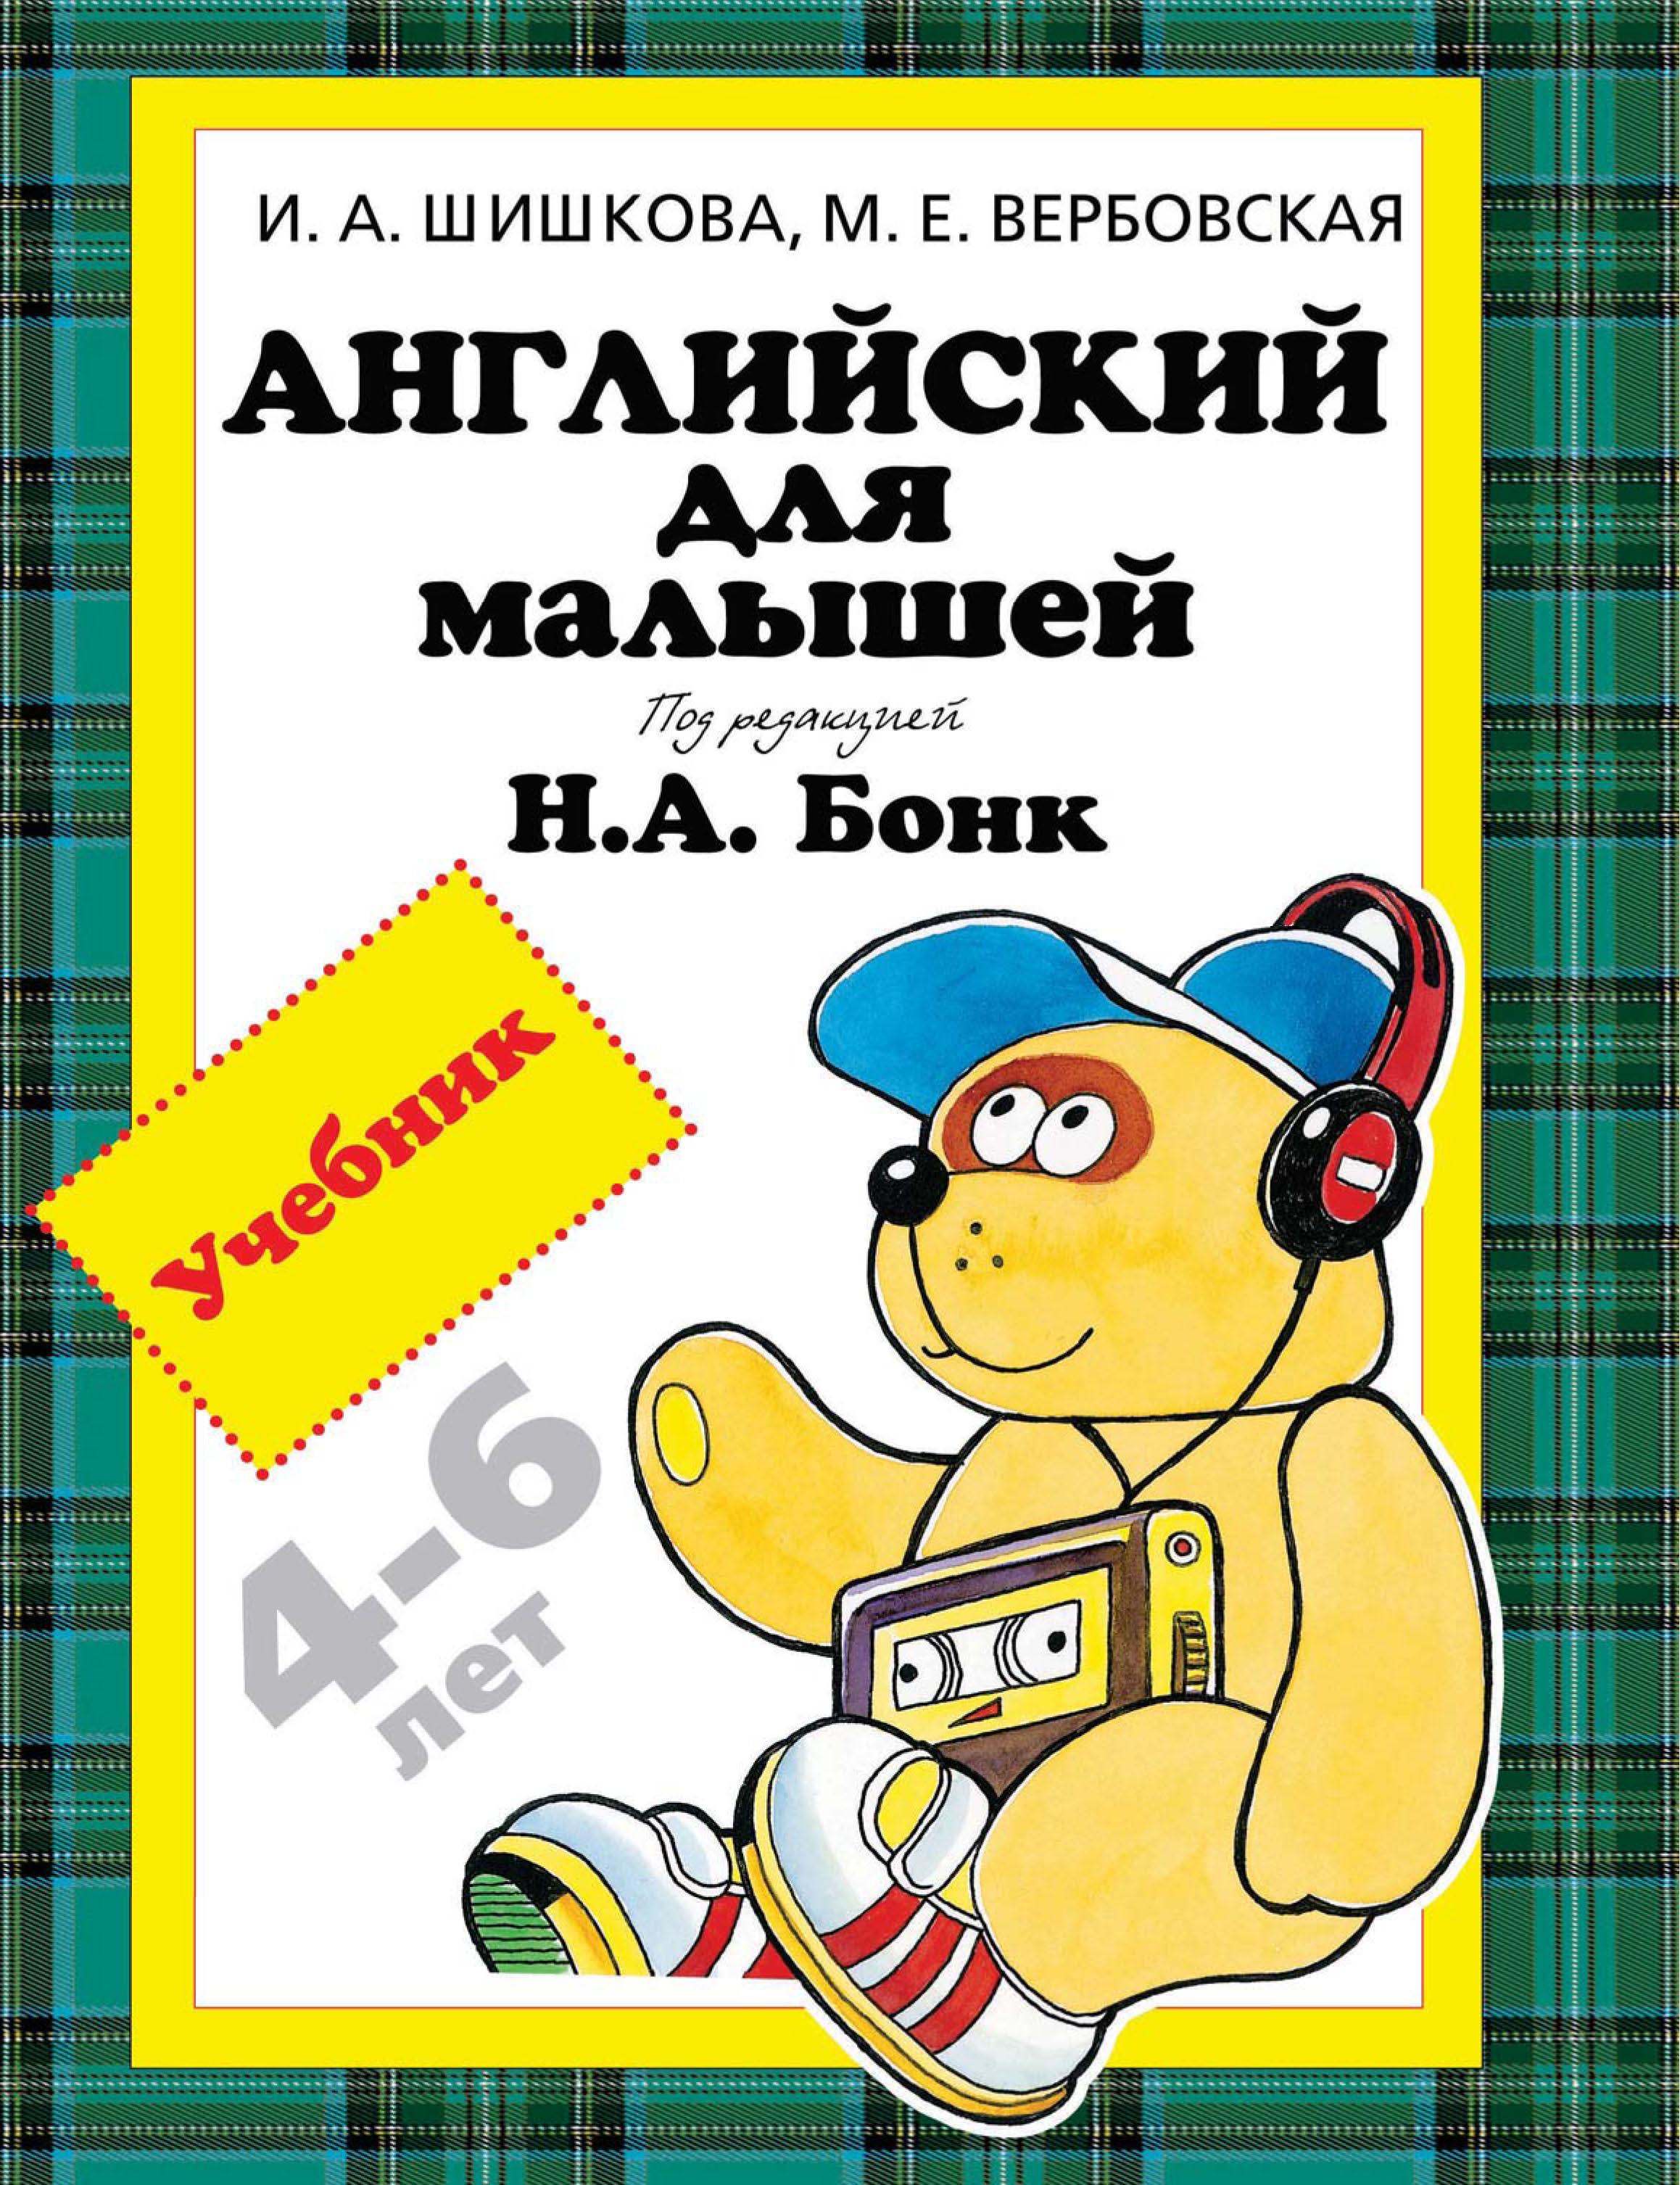 И. А. Шишкова Английский для малышей 4-6 лет. Учебник в а державина английский для малышей 4 6 лет